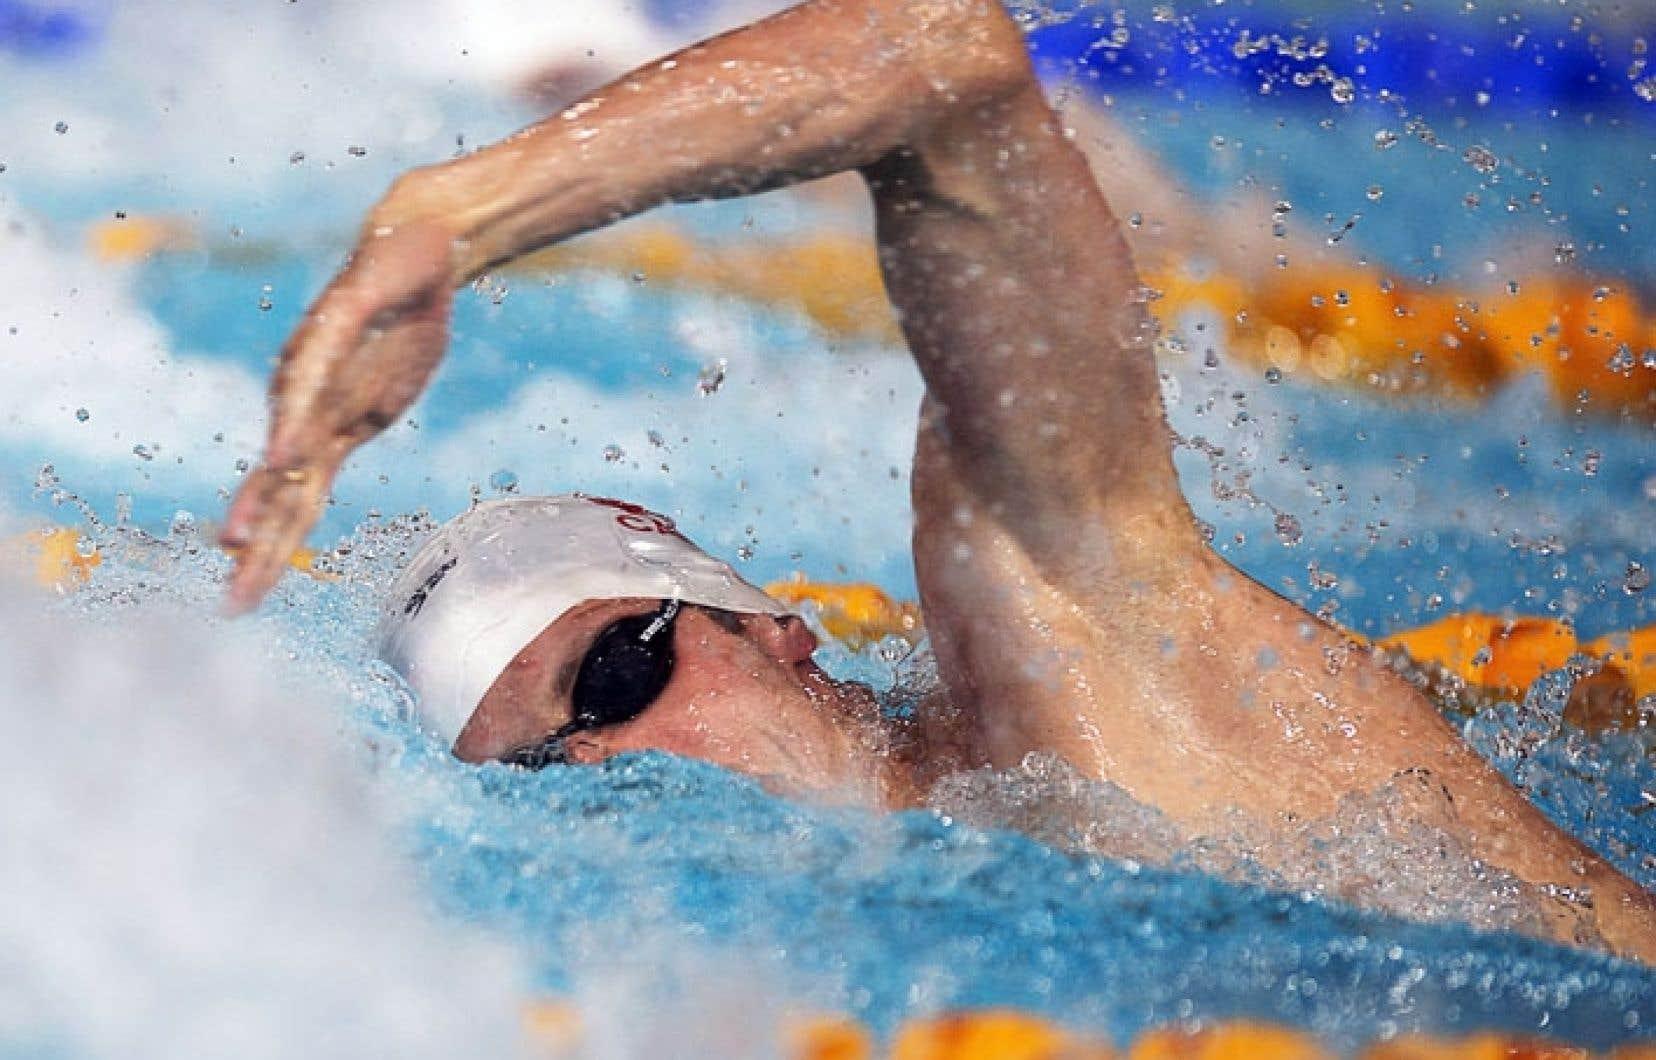 Ryan Cochrane nageant vers la victoire jeudi. Il a remporté l'épreuve du 400 m libre en 3 min 43,46 secondes.